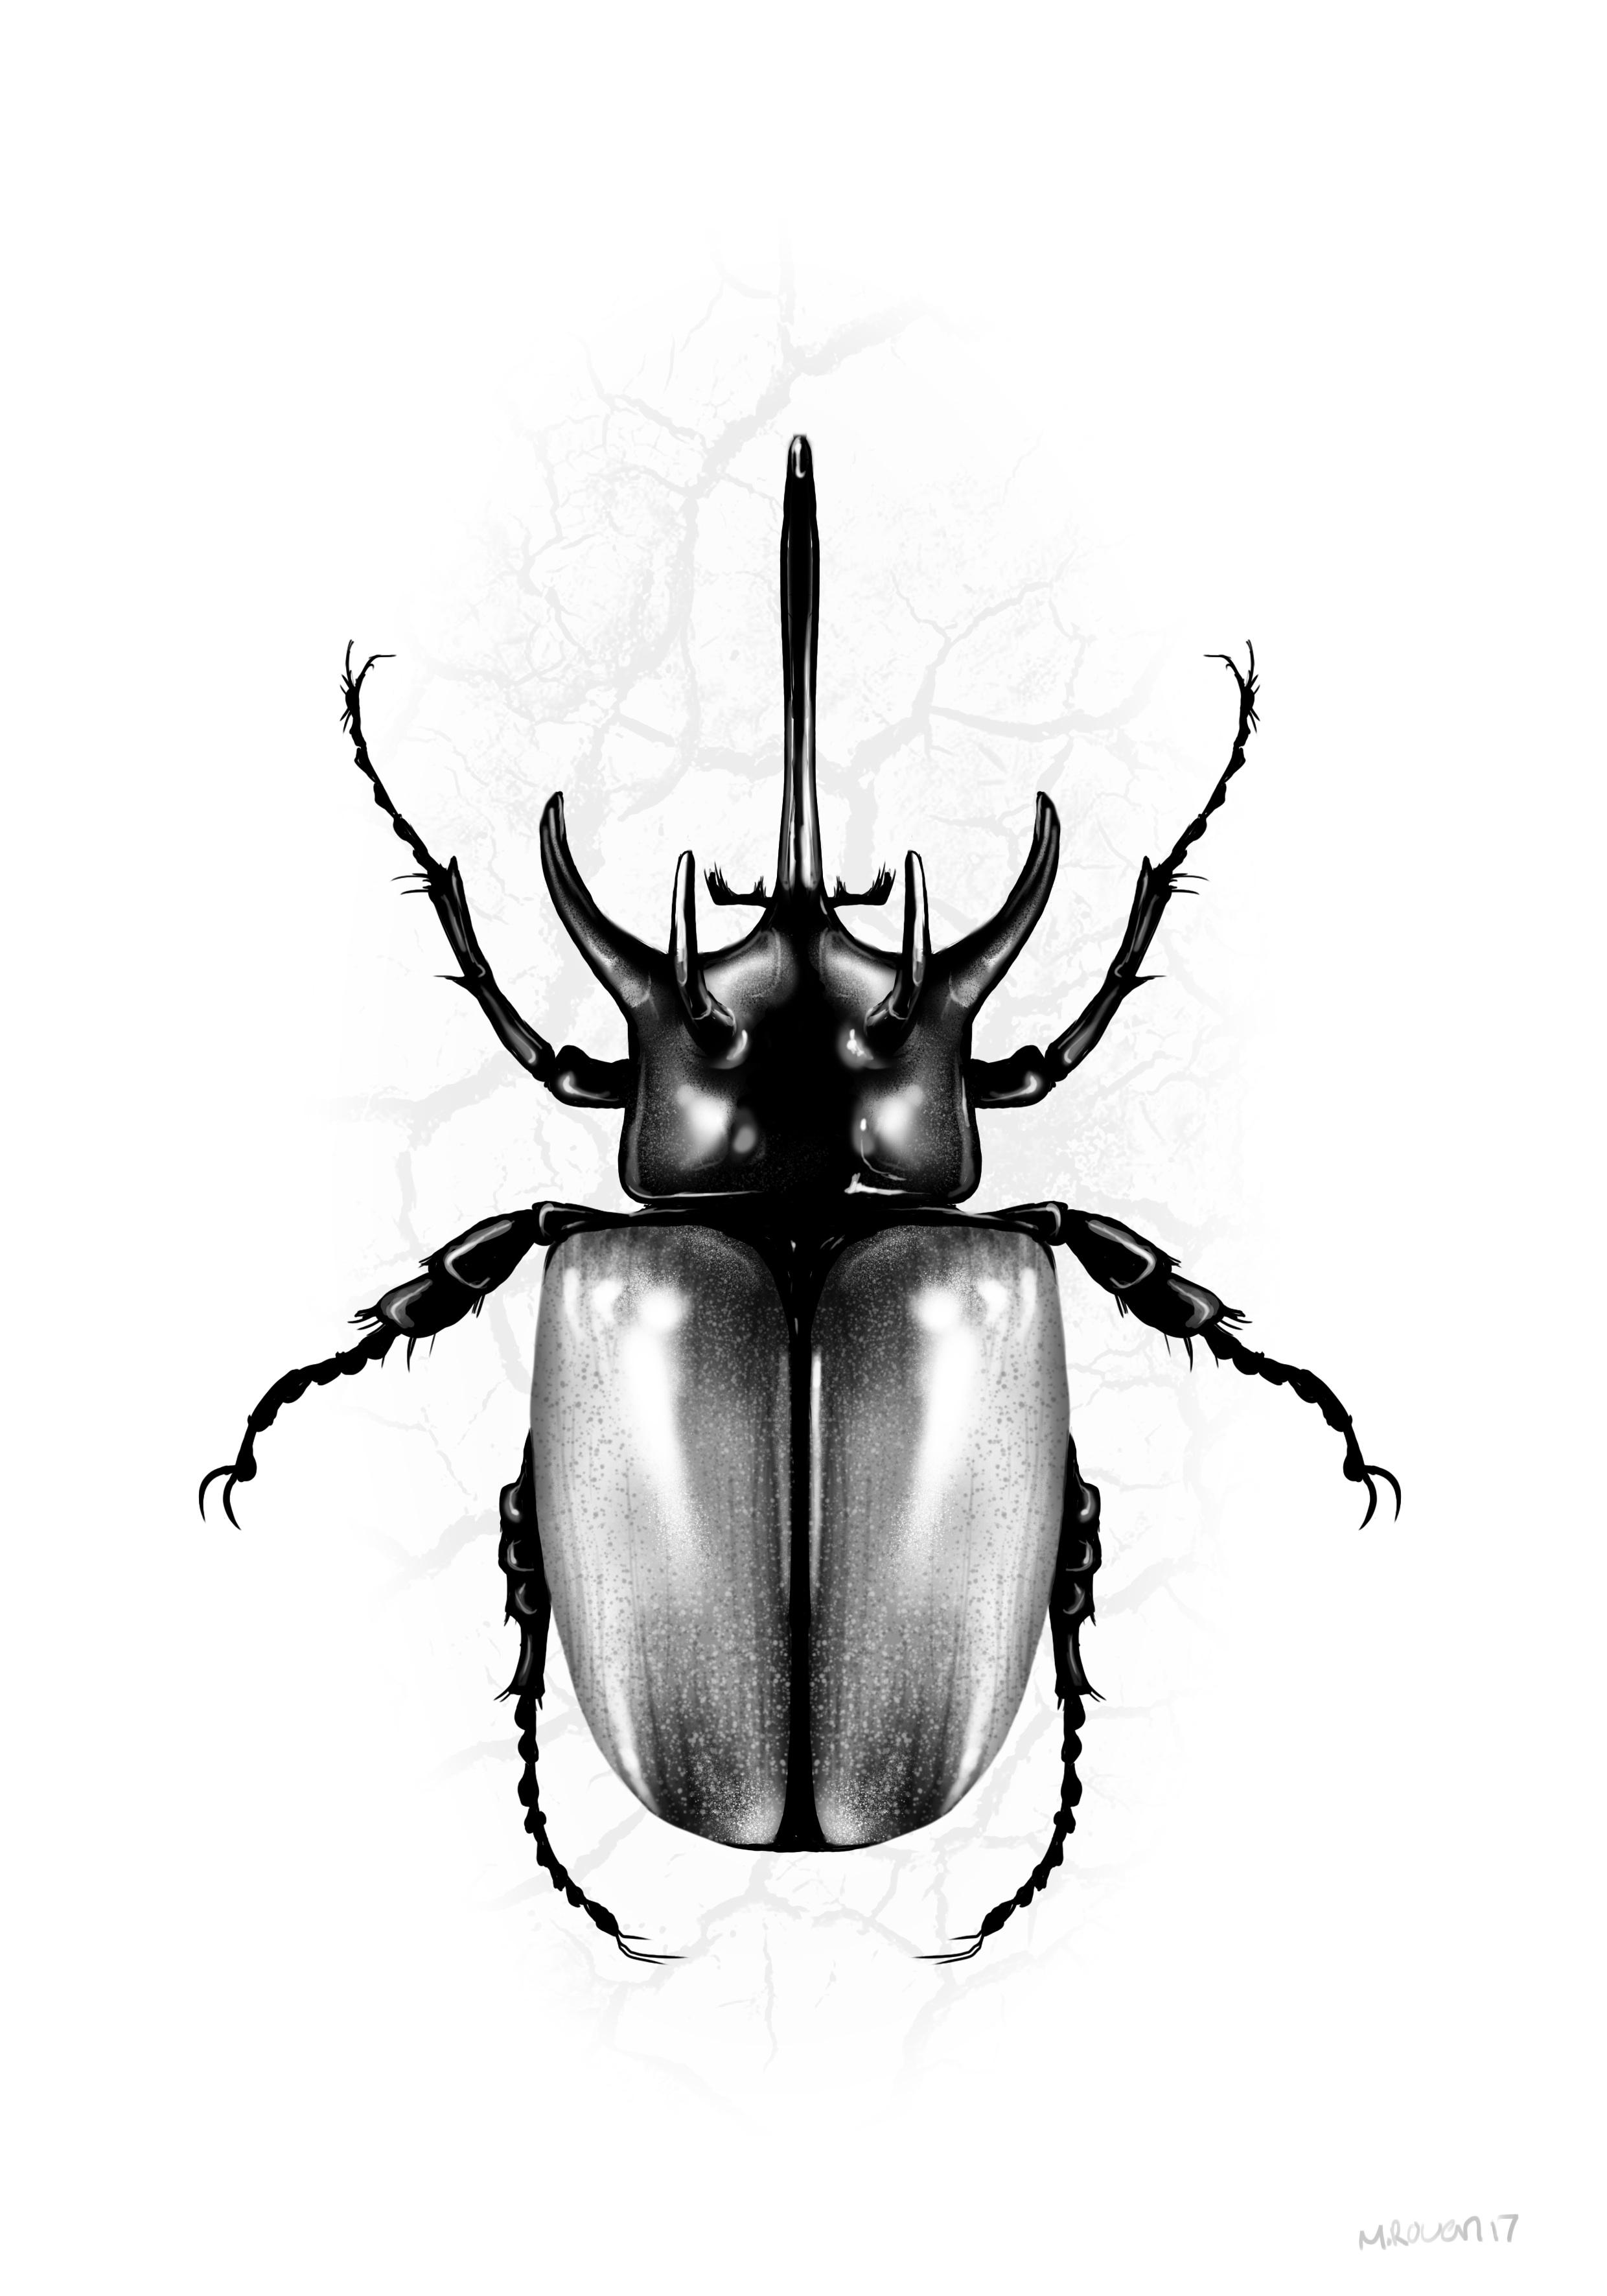 dung_beetle copy.jpg